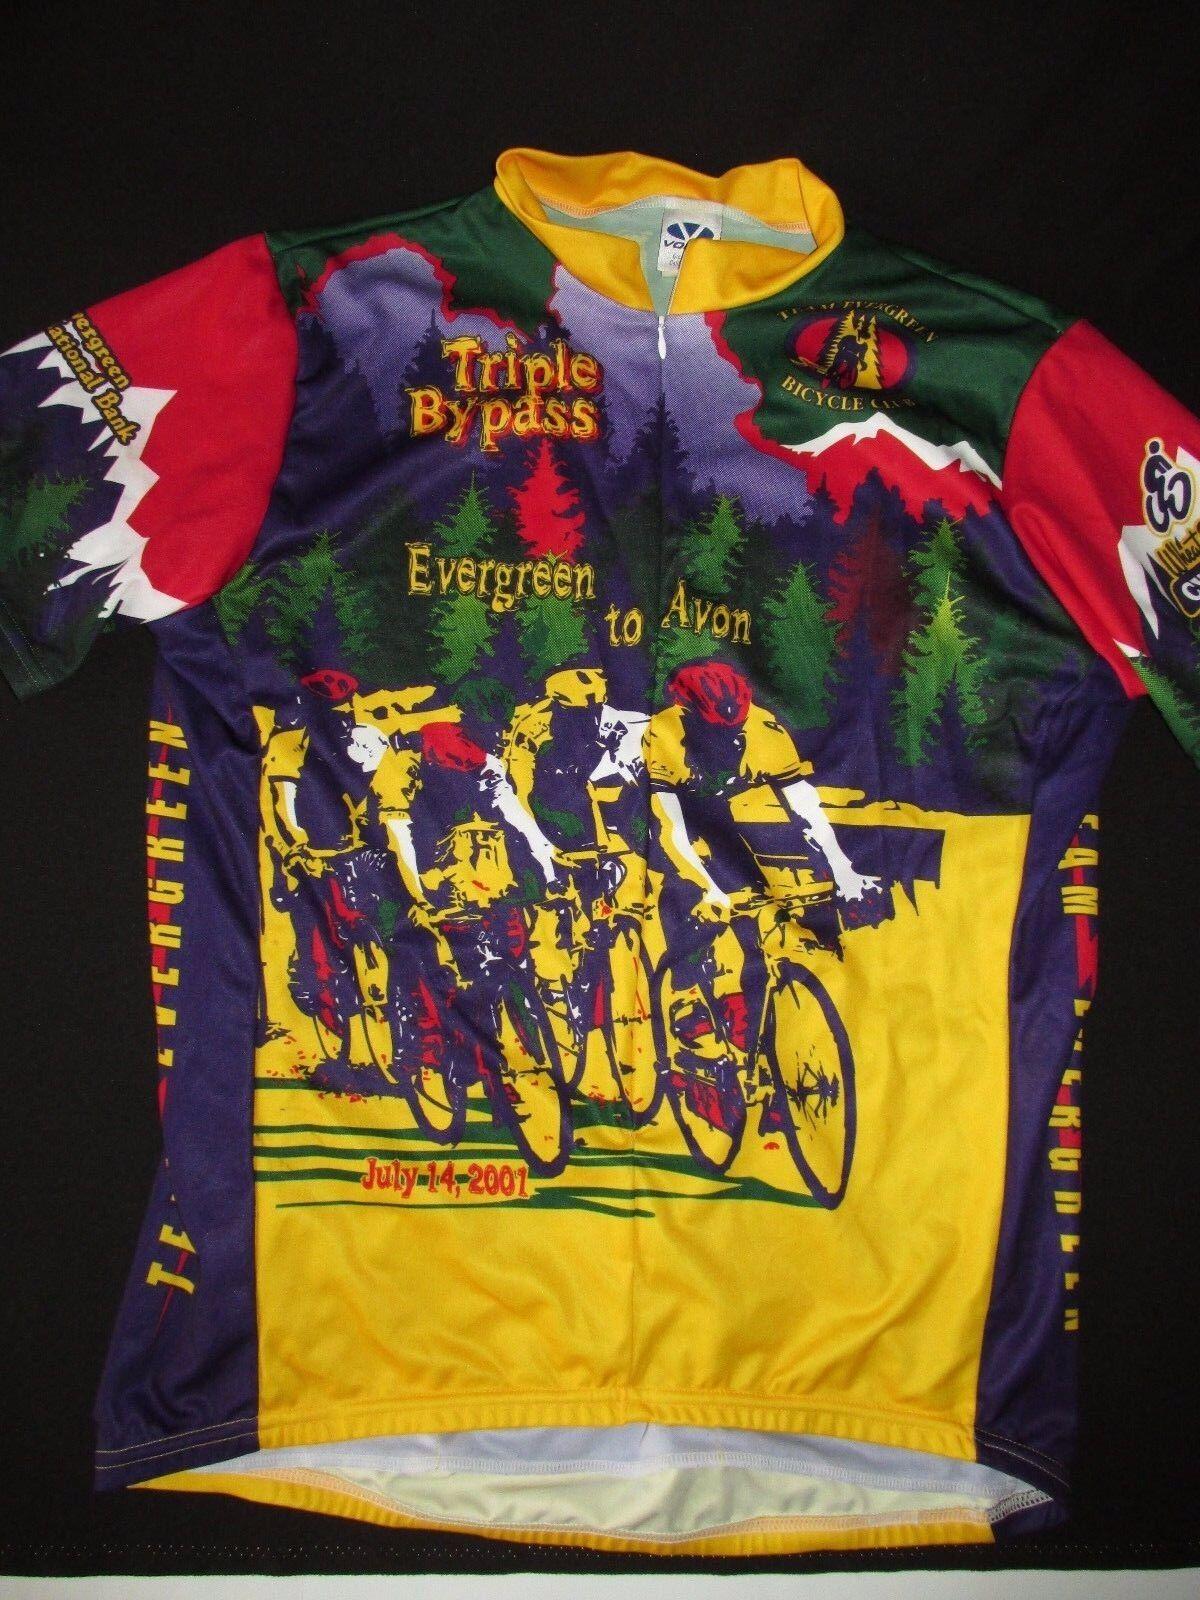 Voler NEW 2001 Tripple Bypass EverGrün to Avon Cycling Jersey Shirt Men XL BK1Z